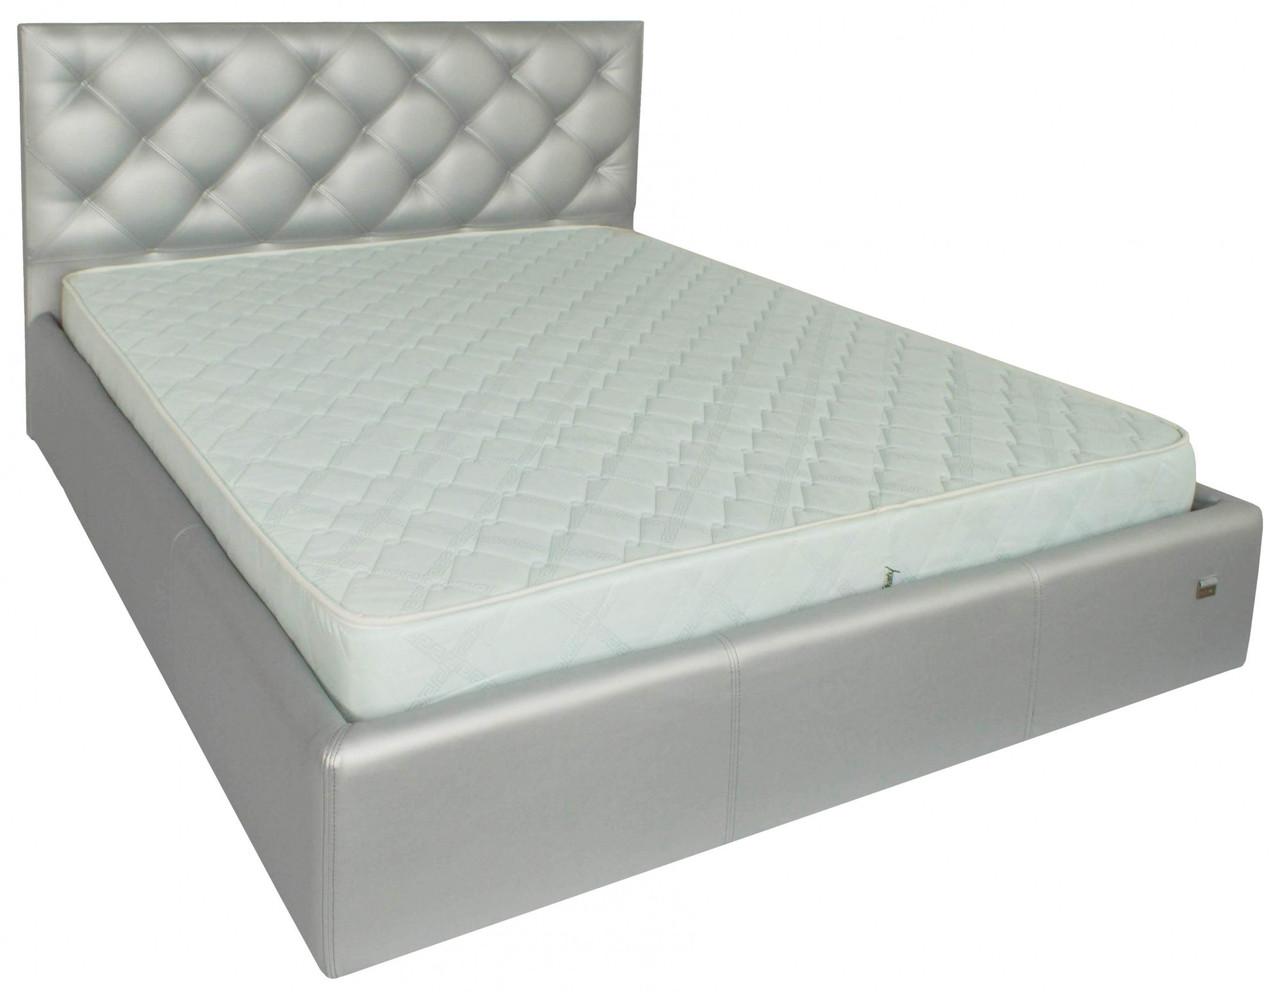 Ліжко Двоспальне Bristol Comfort 180 х 200 см Zeus Deluxe Silver З підйомним механізмом і нішею для білизни